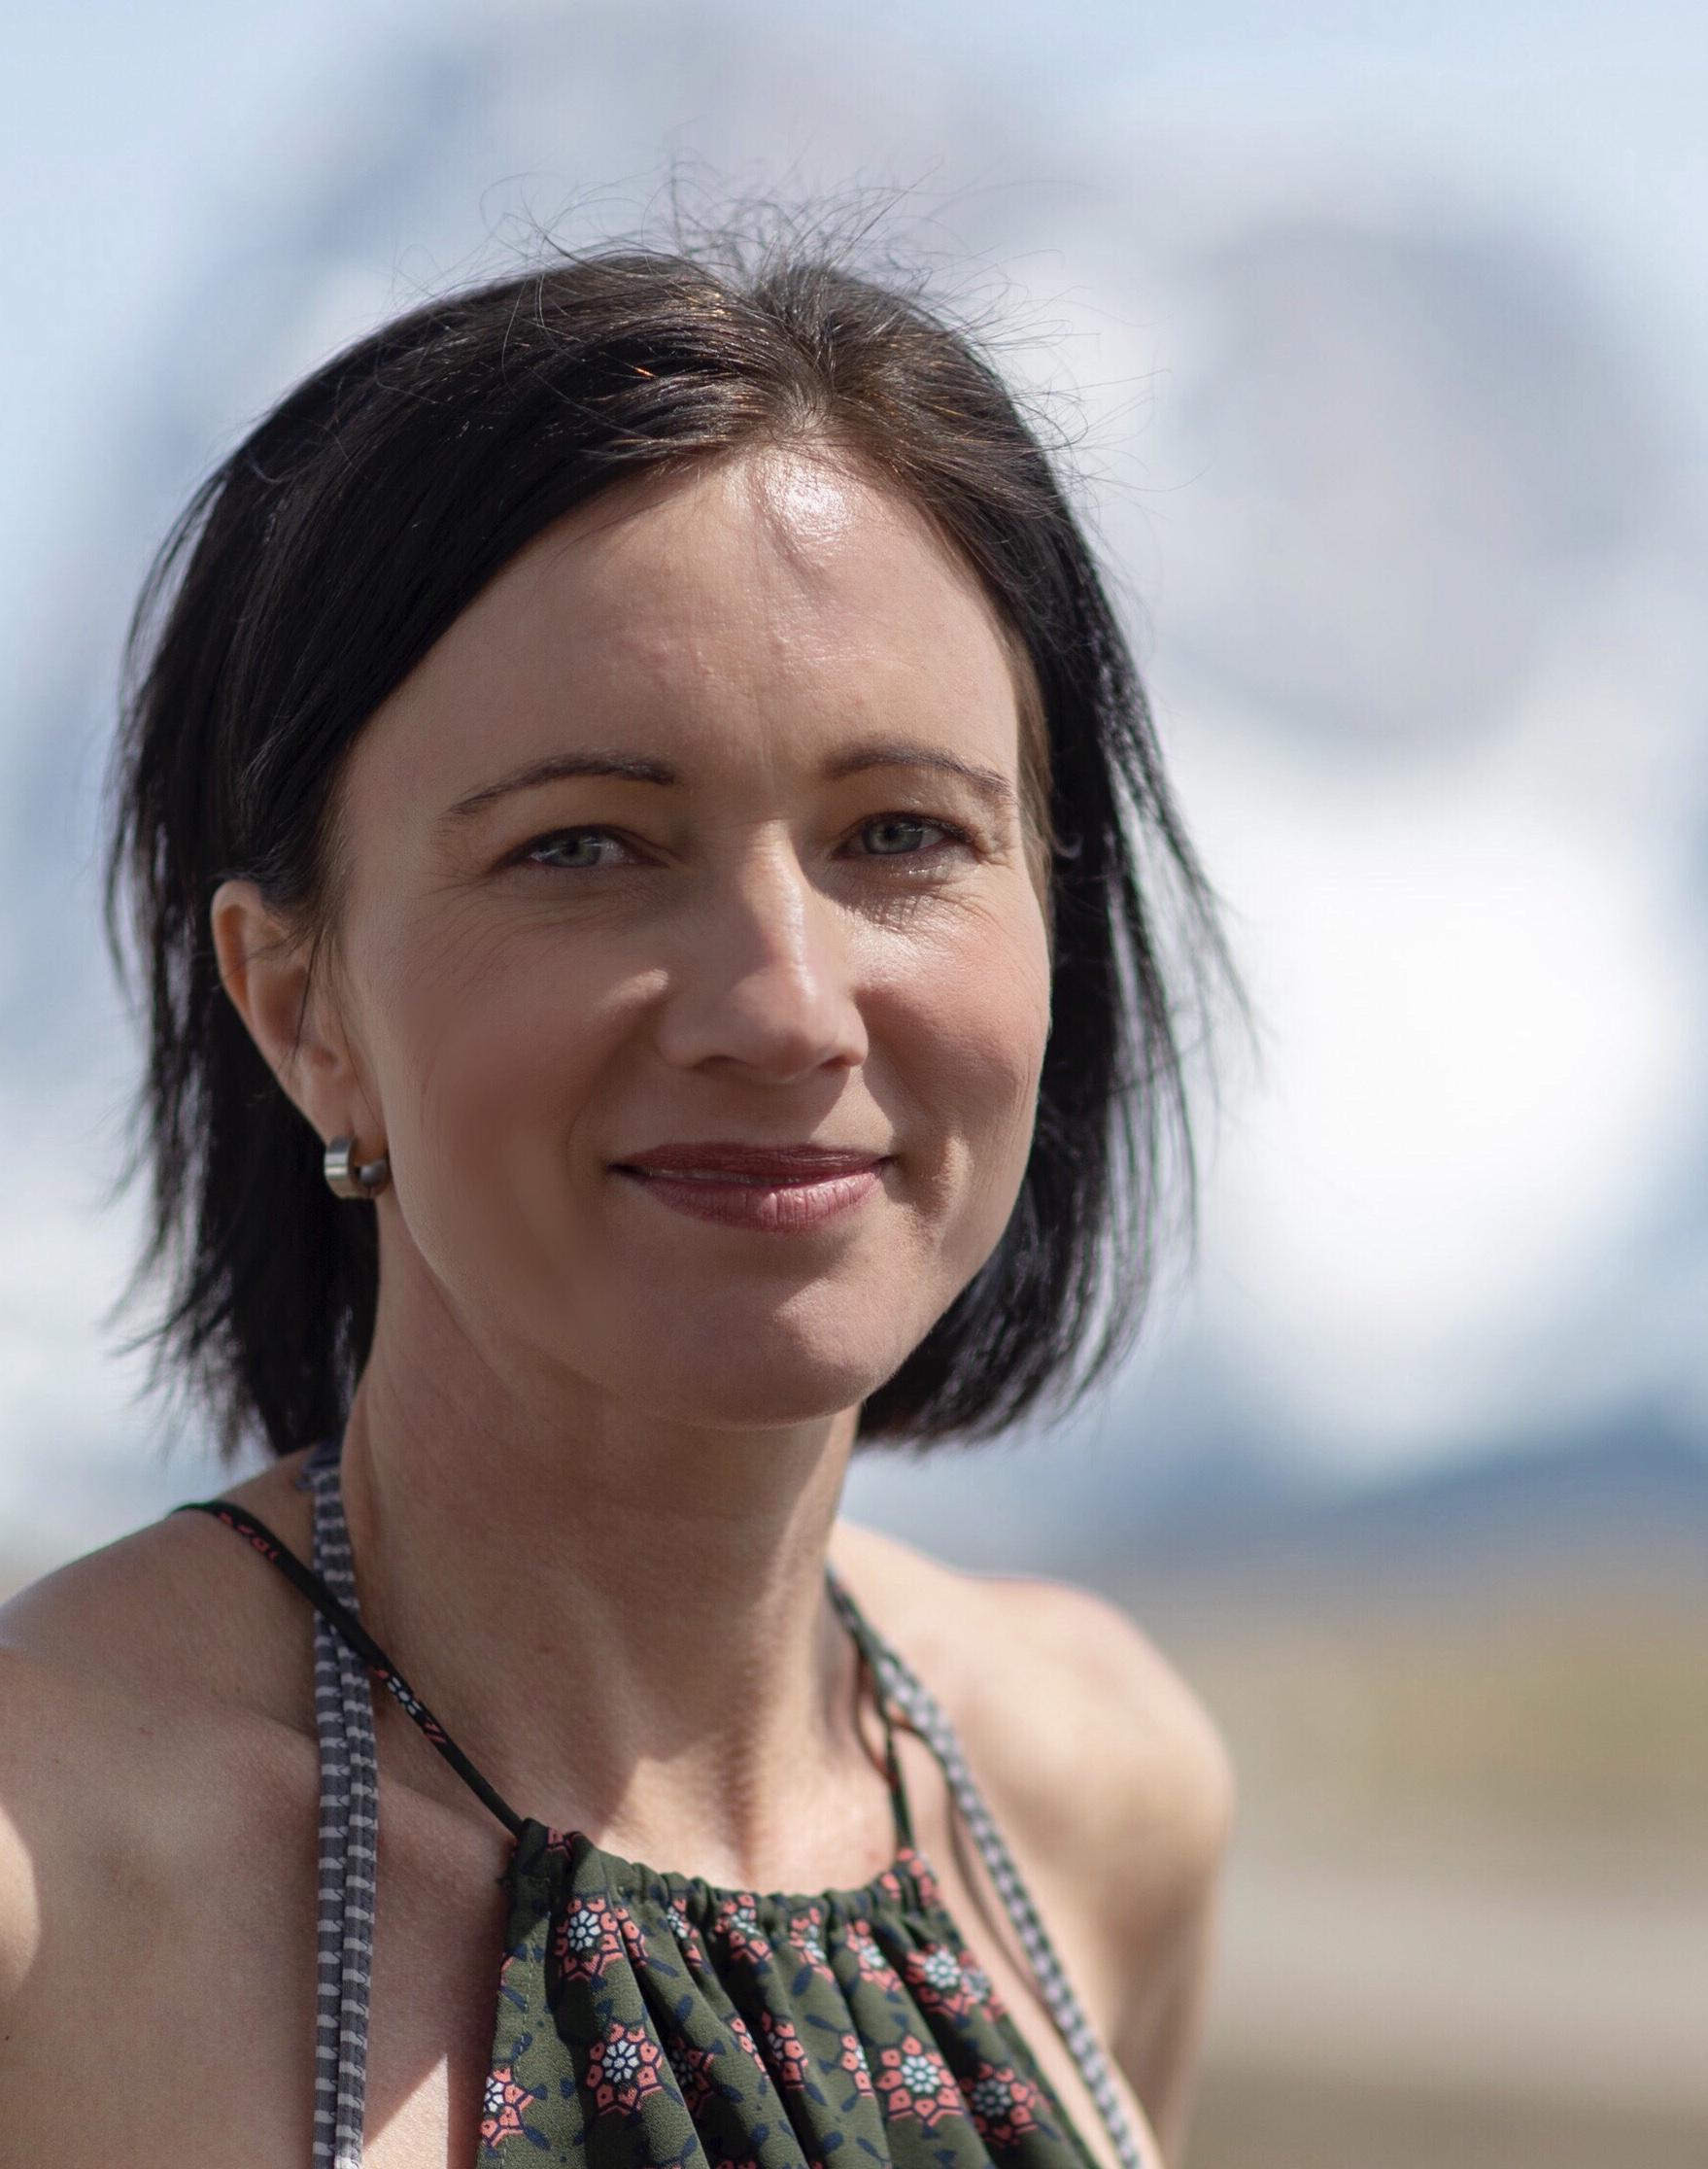 Eva Werner